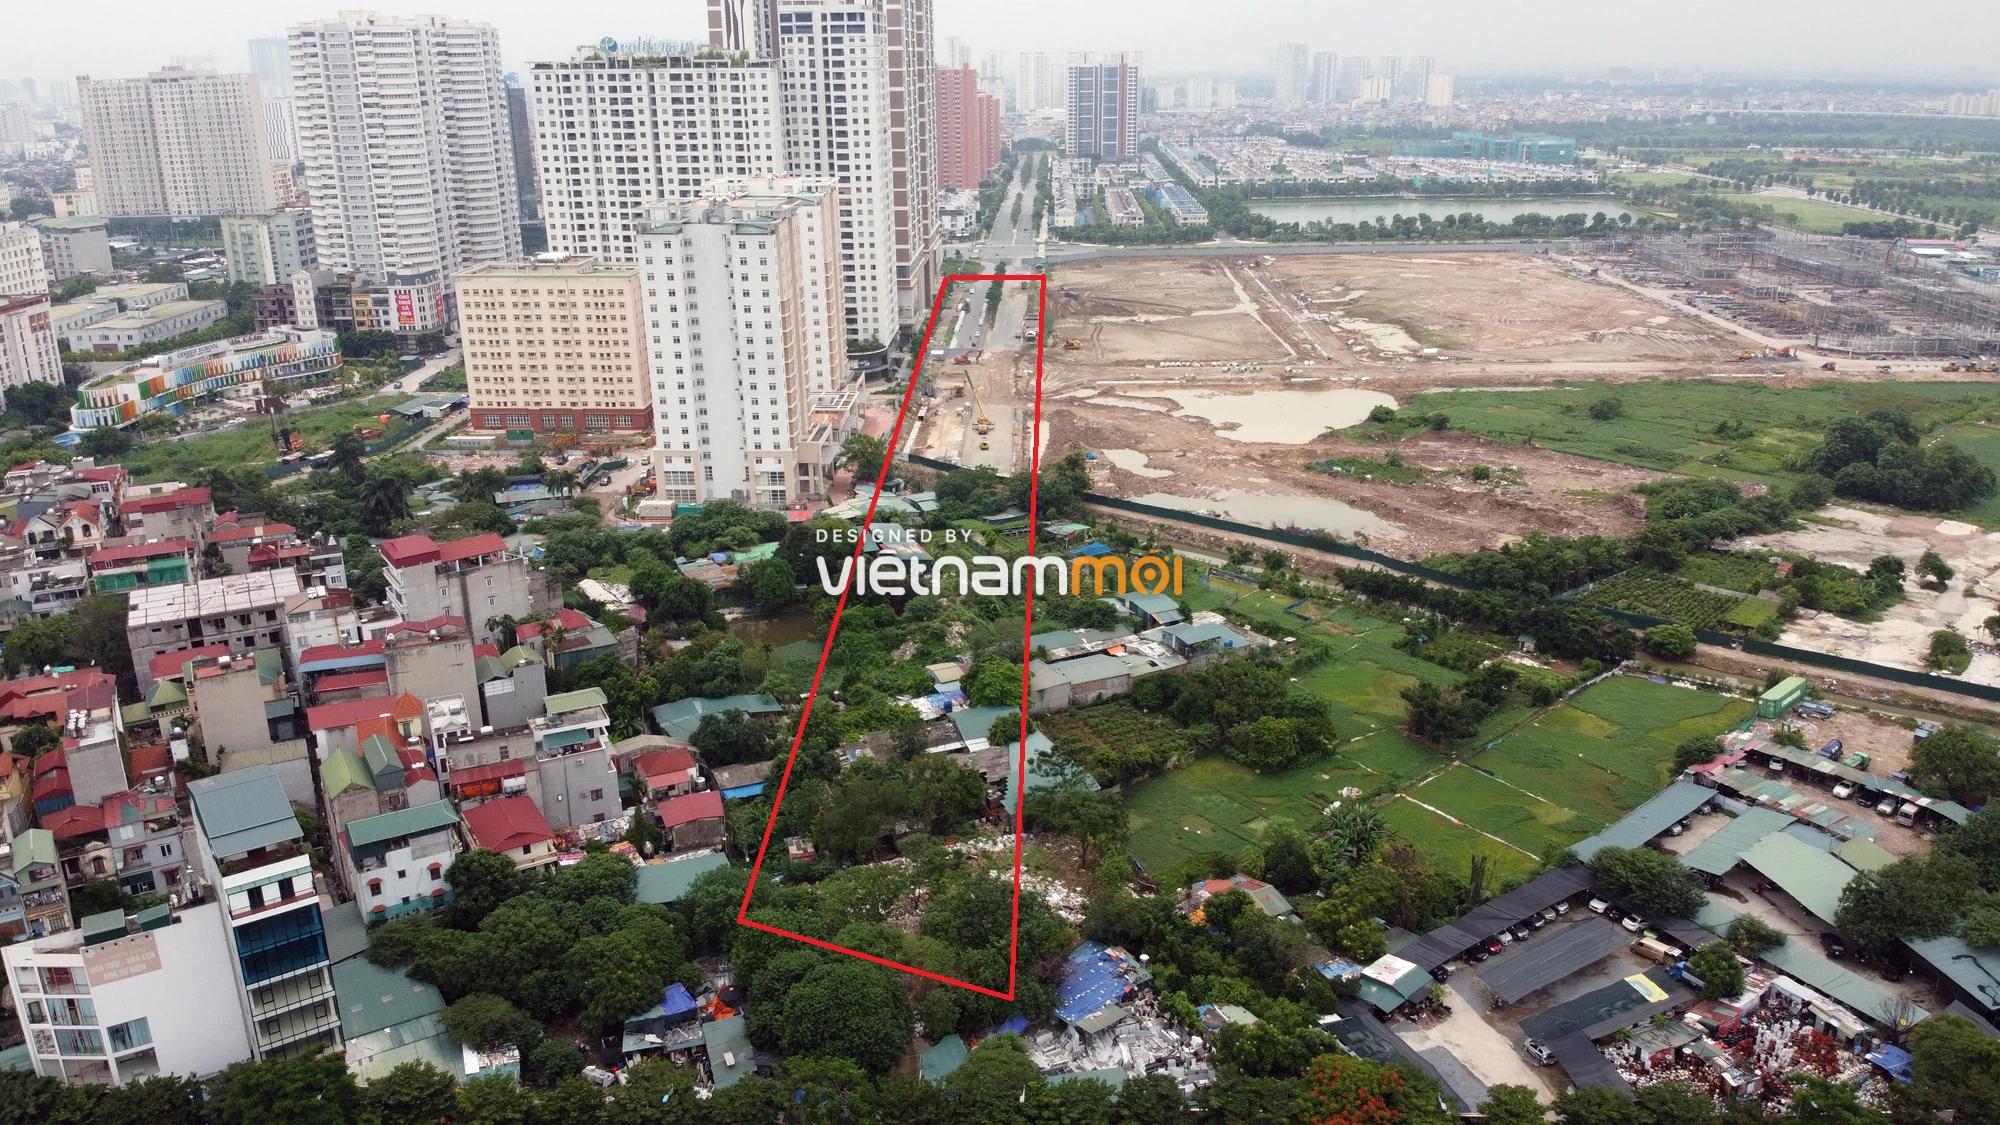 Những khu đất sắp thu hồi để mở đường ở quận Tây Hồ, Hà Nội (phần 3) - Ảnh 17.